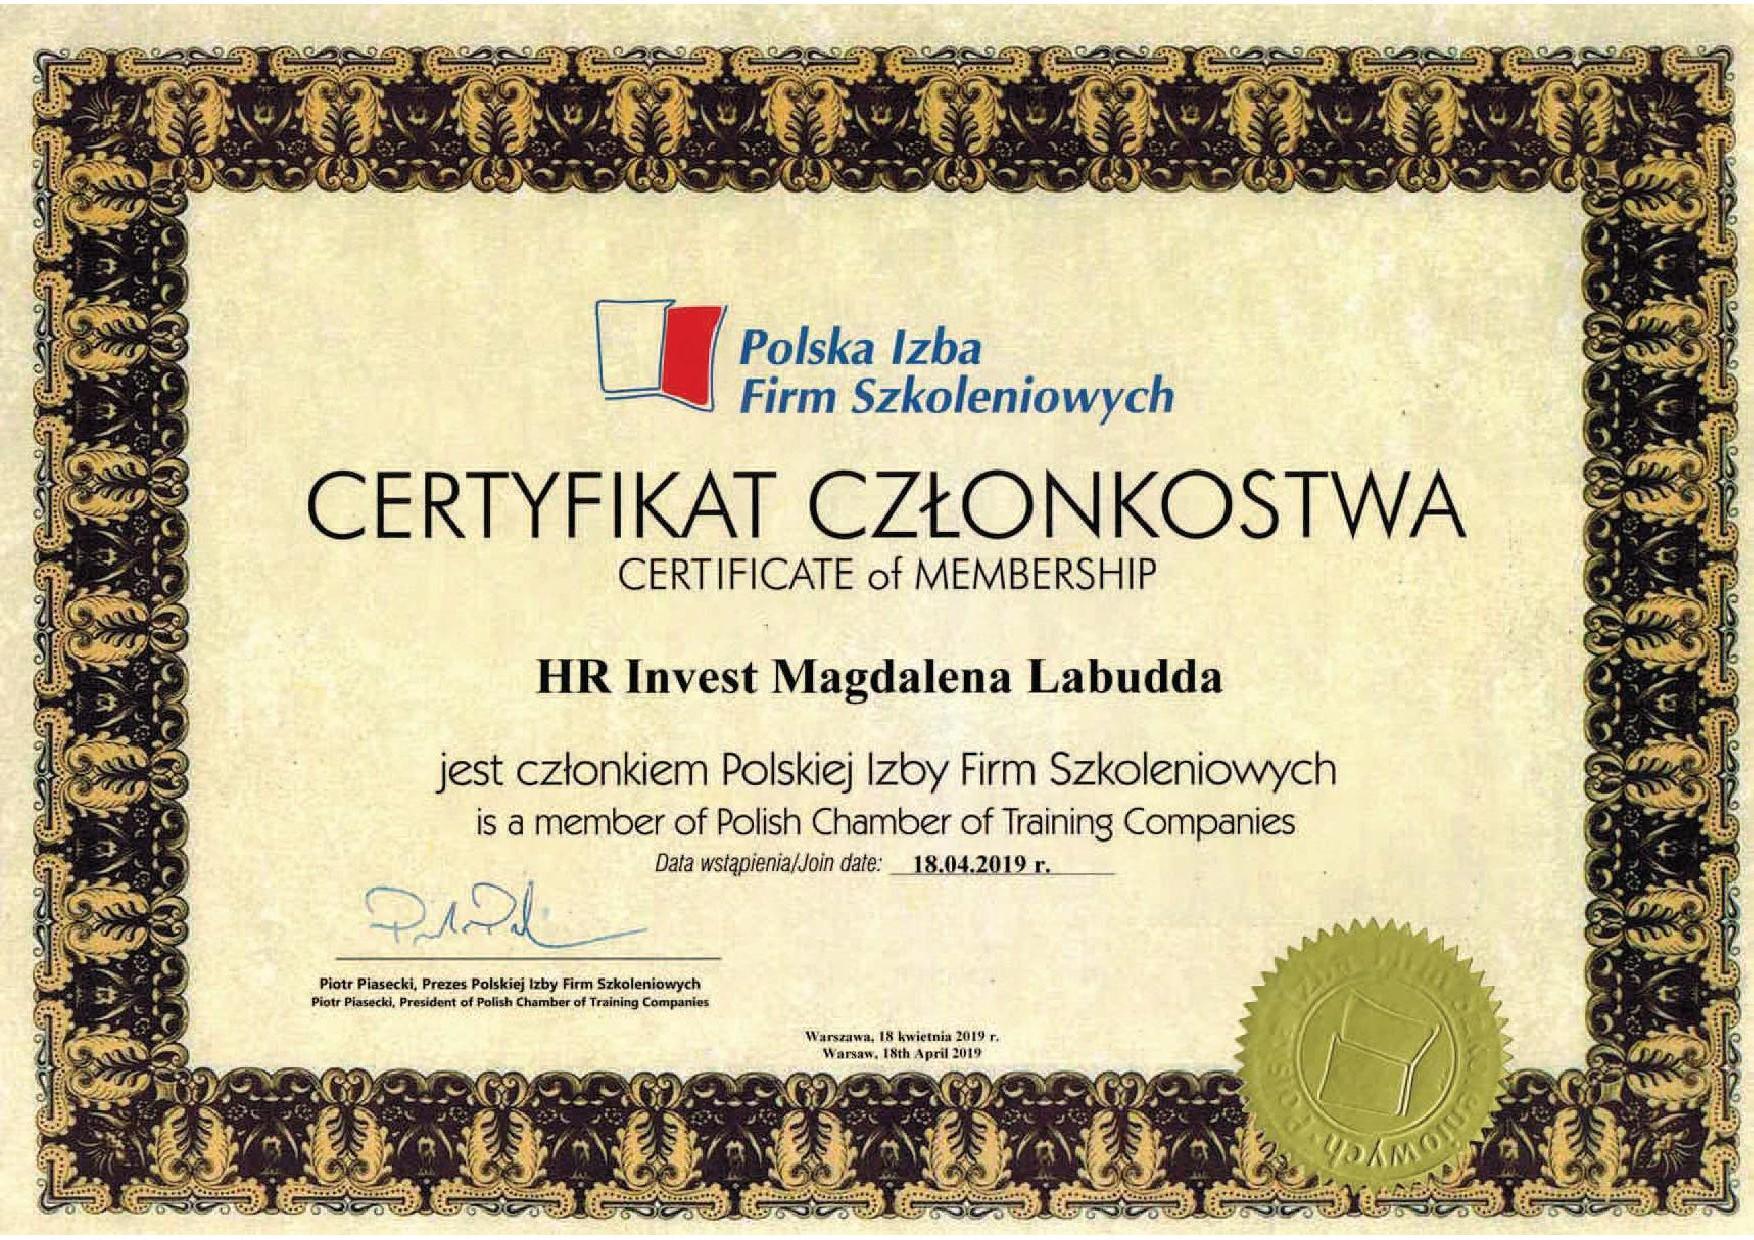 Certyfikat Członkostwa w Polskiej Izbie Firm Szkoleniowych